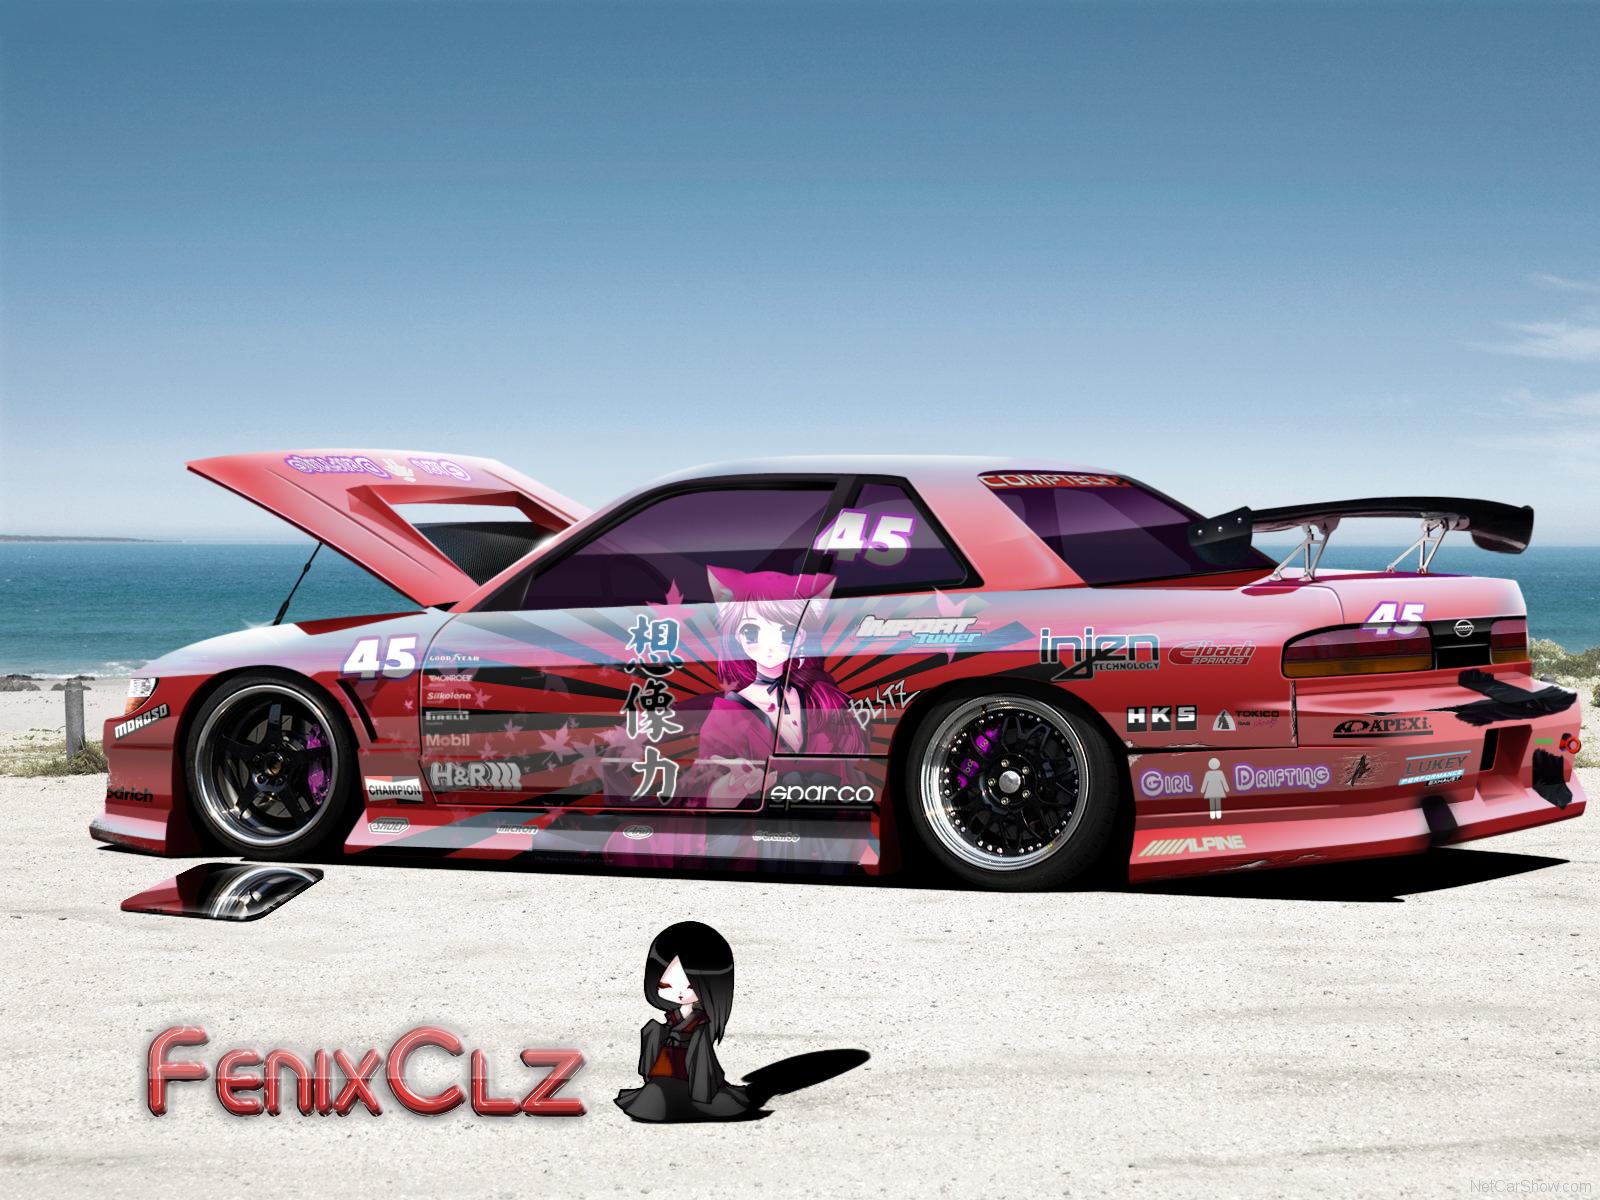 http://4.bp.blogspot.com/-Fl5dk9Xt0i0/TVj4QuX00GI/AAAAAAAAAR0/236e22cASlg/s1600/Nissan_Silvia_Gril_Drifting_by_FenixClz.jpg